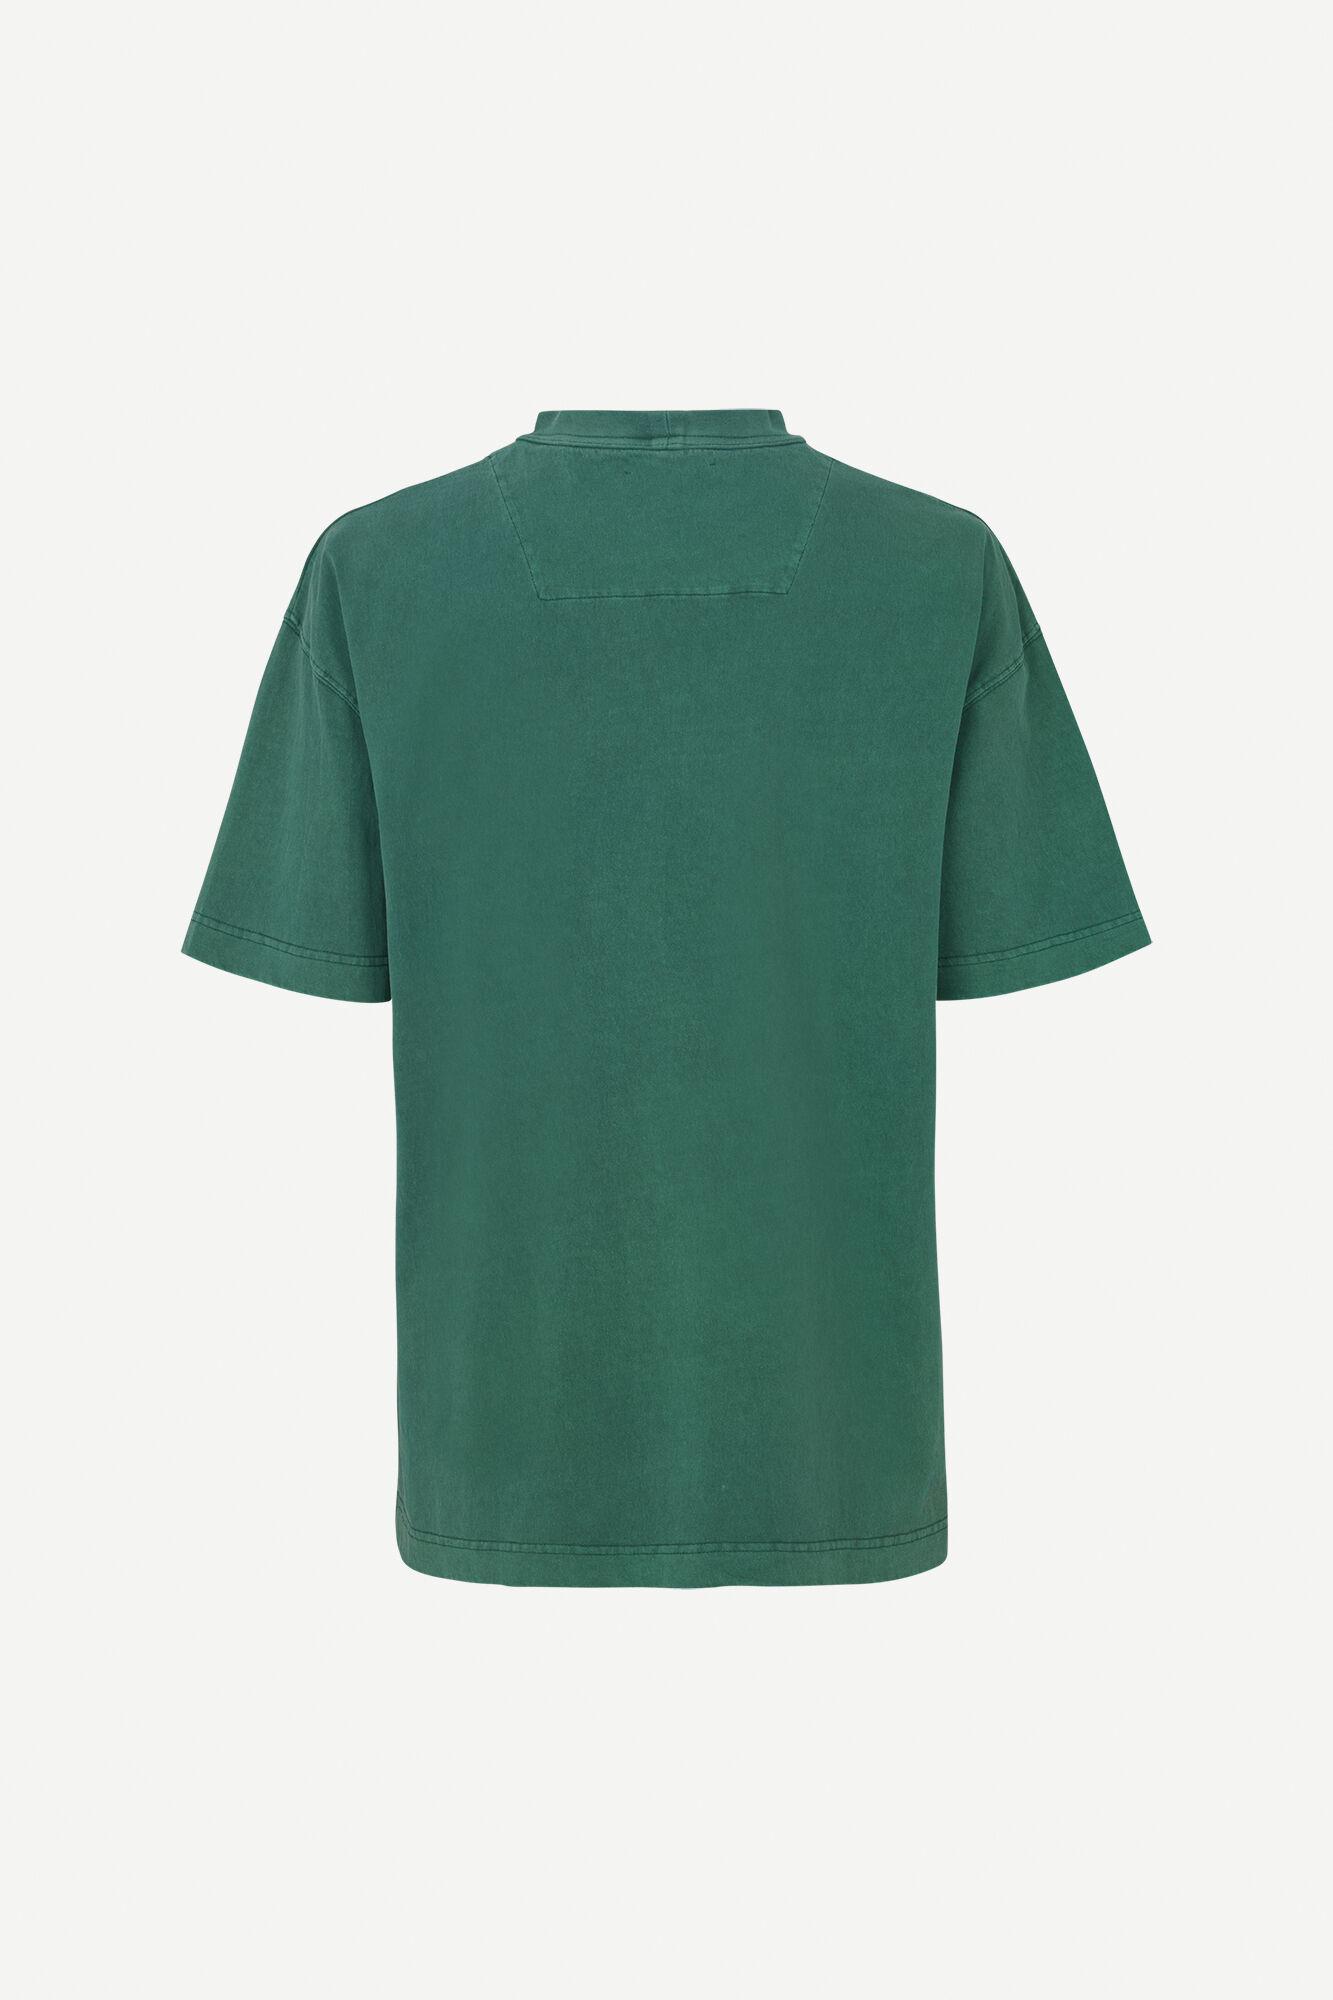 Pukars t-shirt 9914